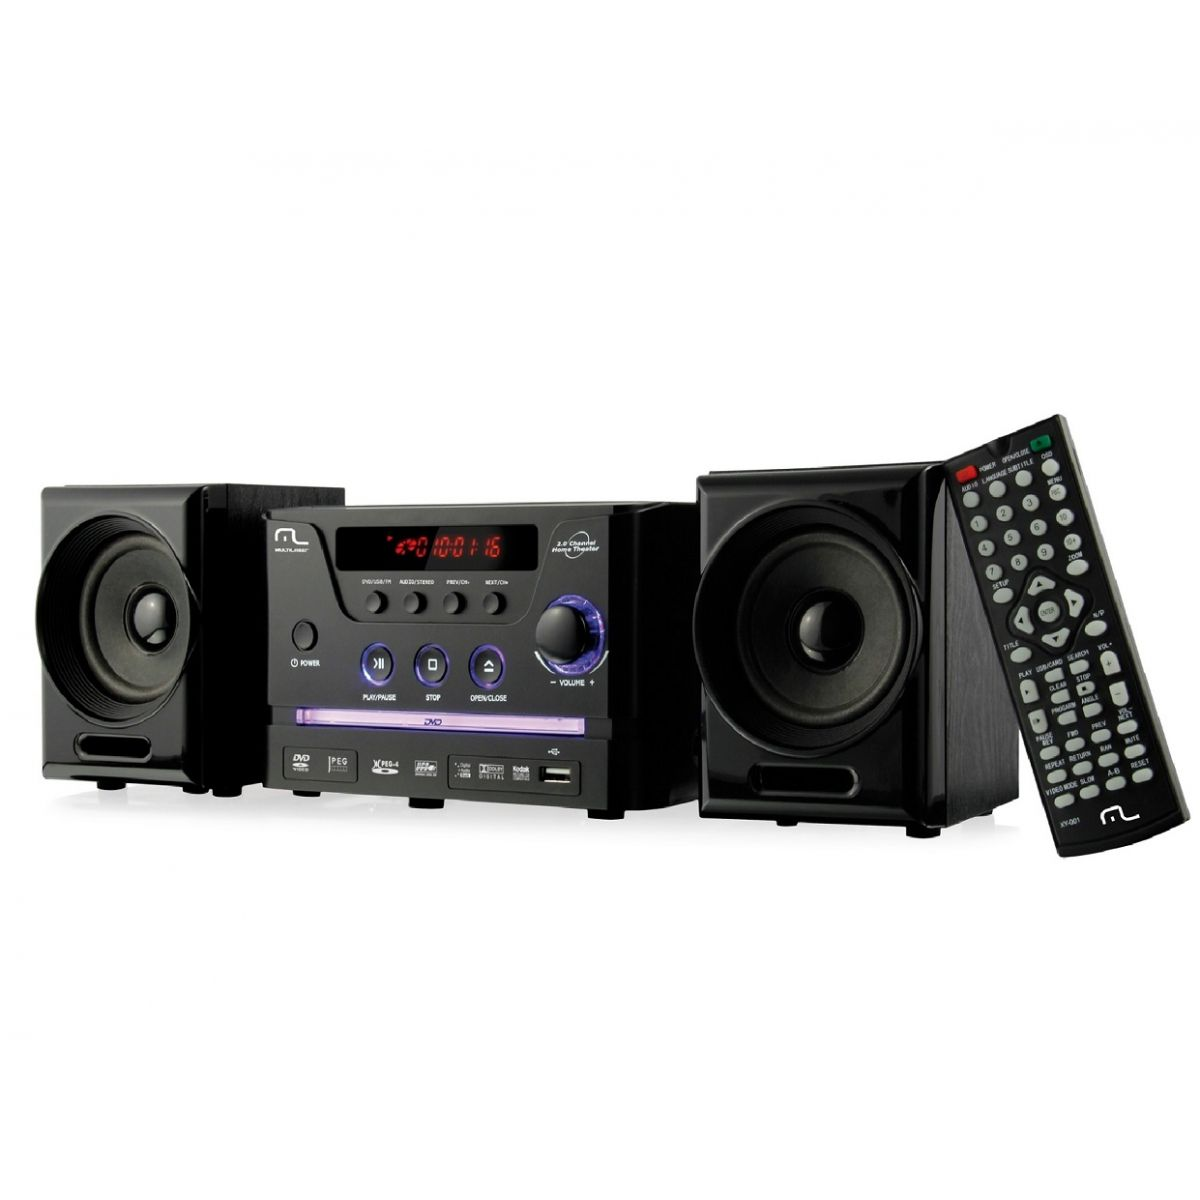 Caixa de Som Mini System com DVD/CD Player/USB/FM 30W RMS SP141 - Multilaser